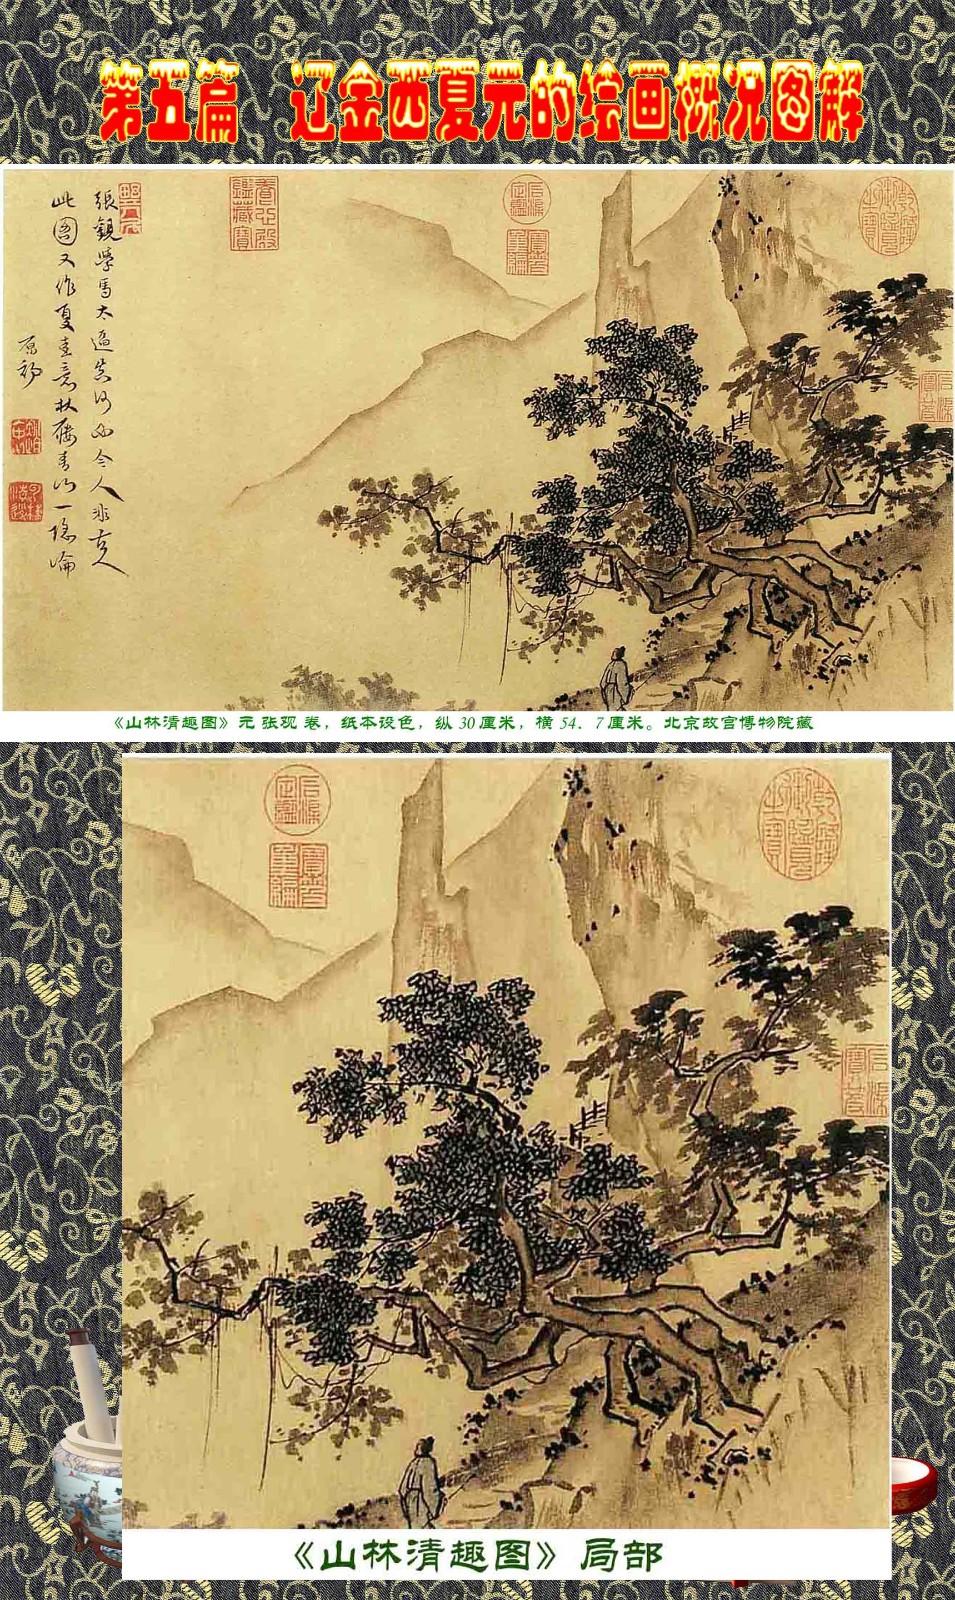 顾绍骅编辑 中国画知识普及版 第五篇 辽金西夏元的绘画概况 下 ... ..._图1-95